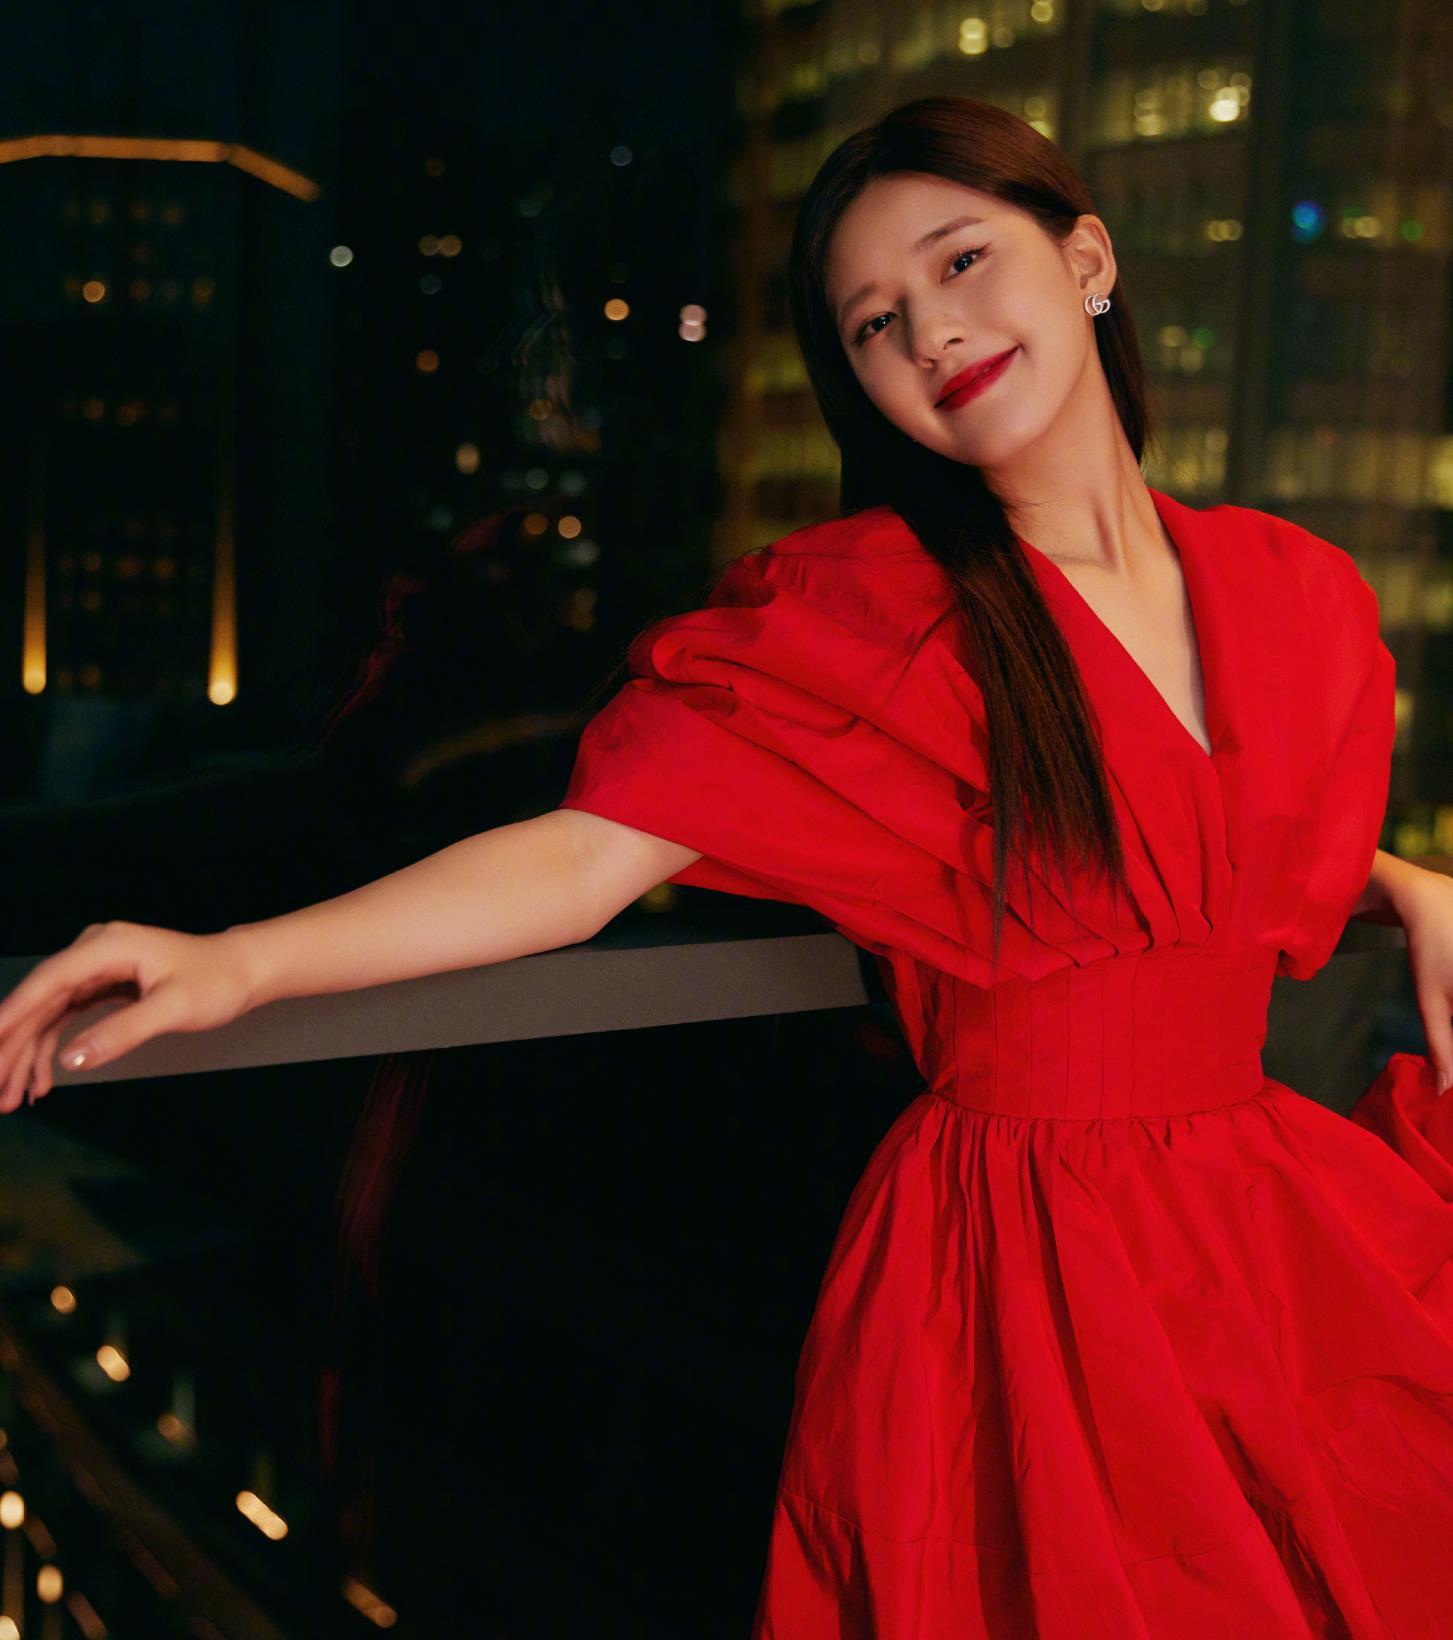 赵露思一改往日清新风格,身穿正红色连衣裙,气质张扬又妖艳